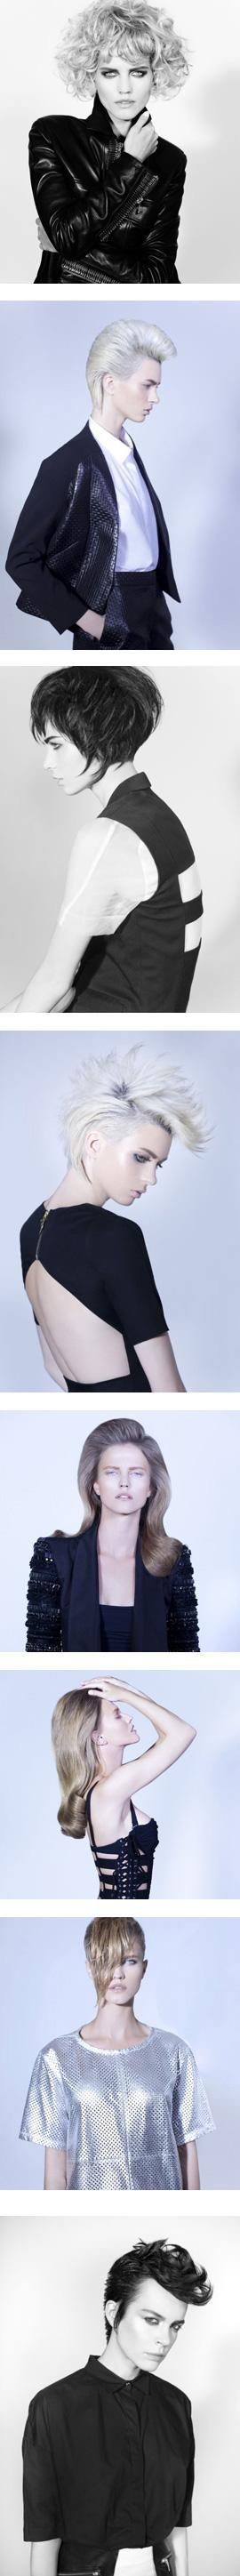 שחר מלכה - קולקציית מראות שיער 2012